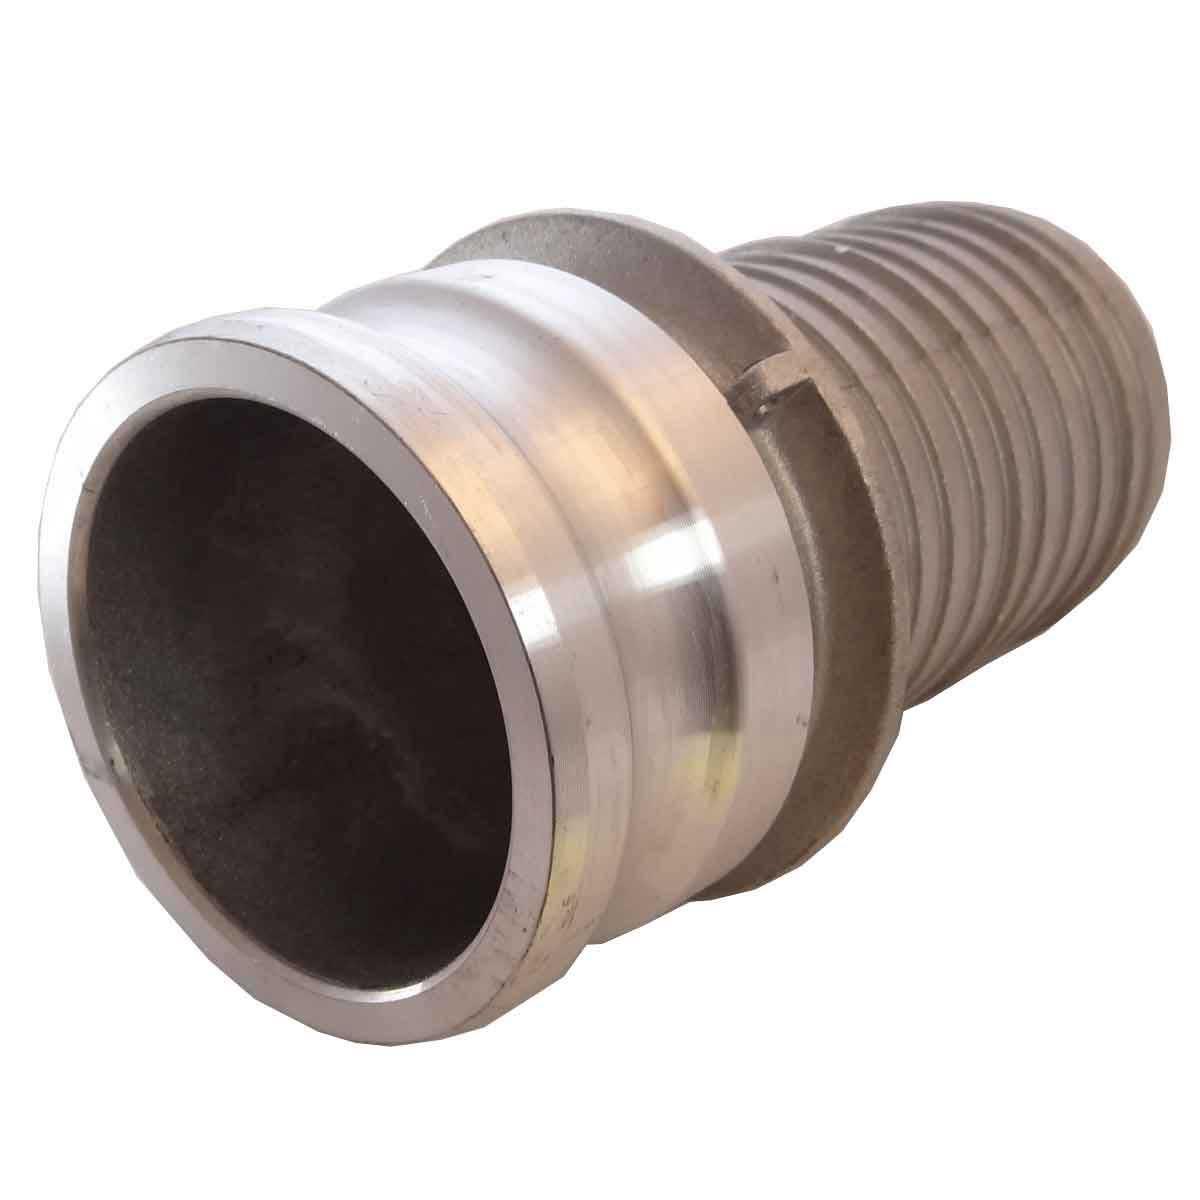 Wacker Neuson Coupling 6 inch Hose Shank 5000078034